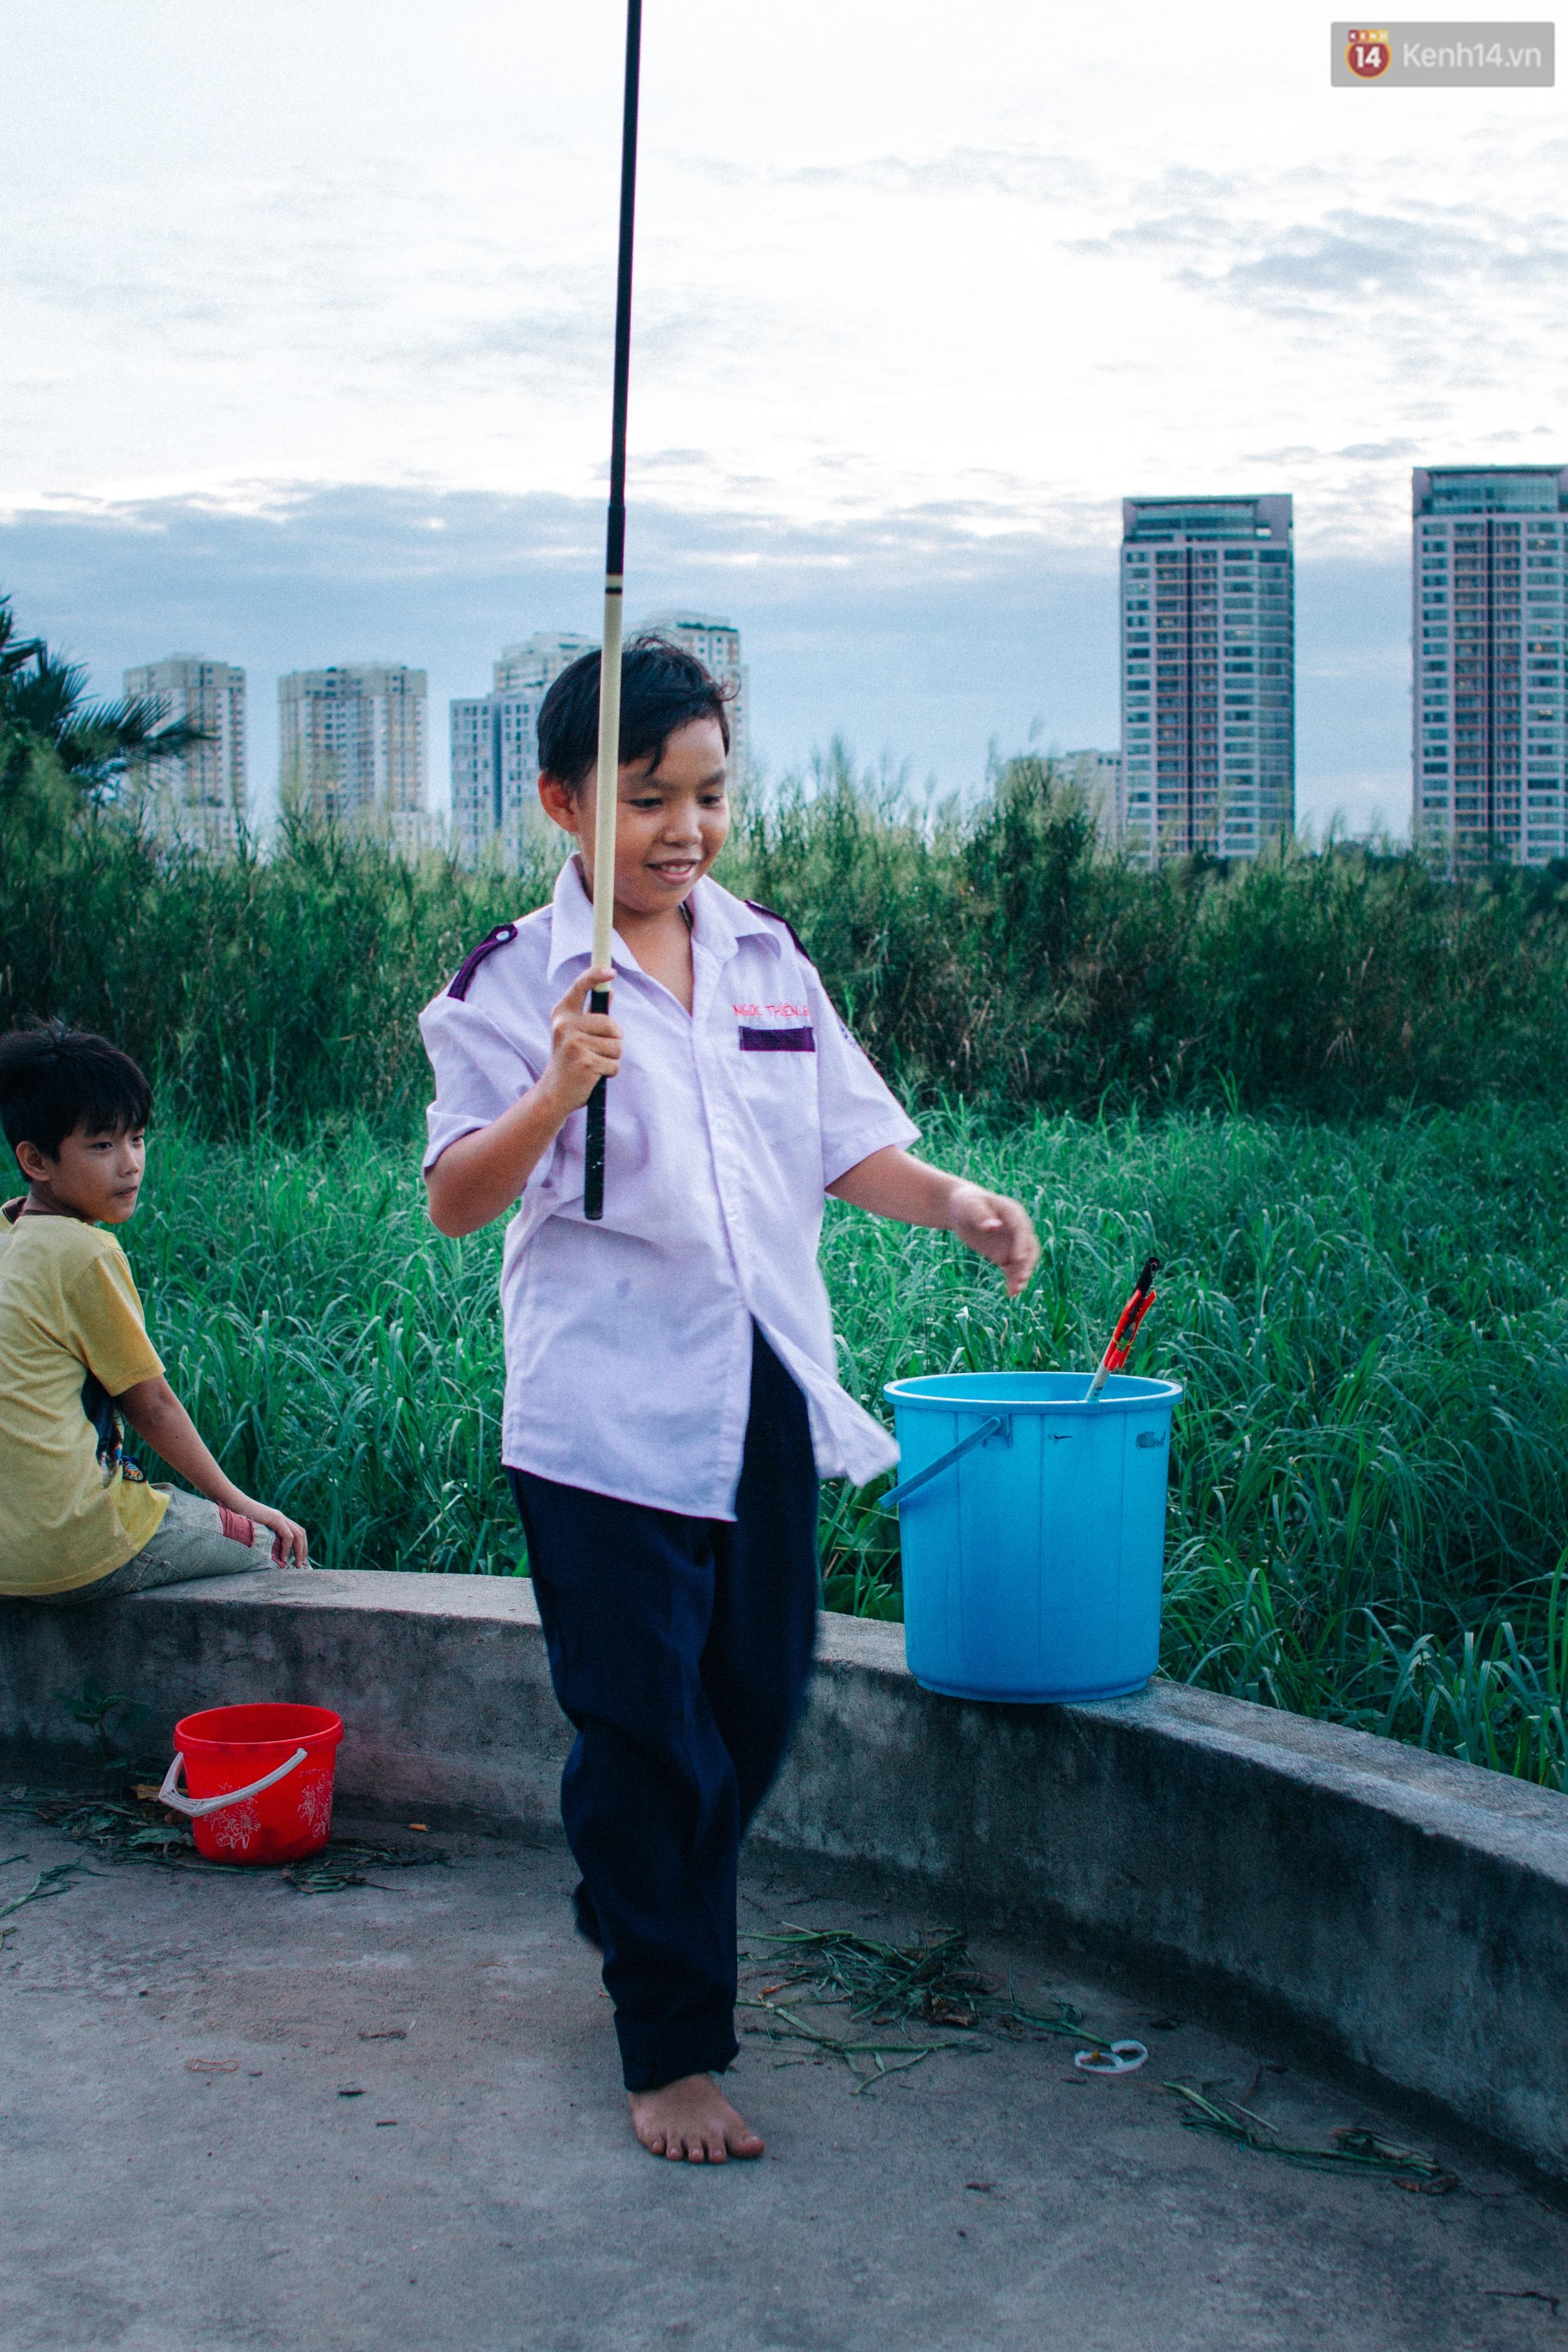 Chùm ảnh: Cuộc sống ở bán đảo Thanh Đa - Một miền nông thôn tách biệt dù chỉ cách trung tâm Sài Gòn vài km - Ảnh 15.